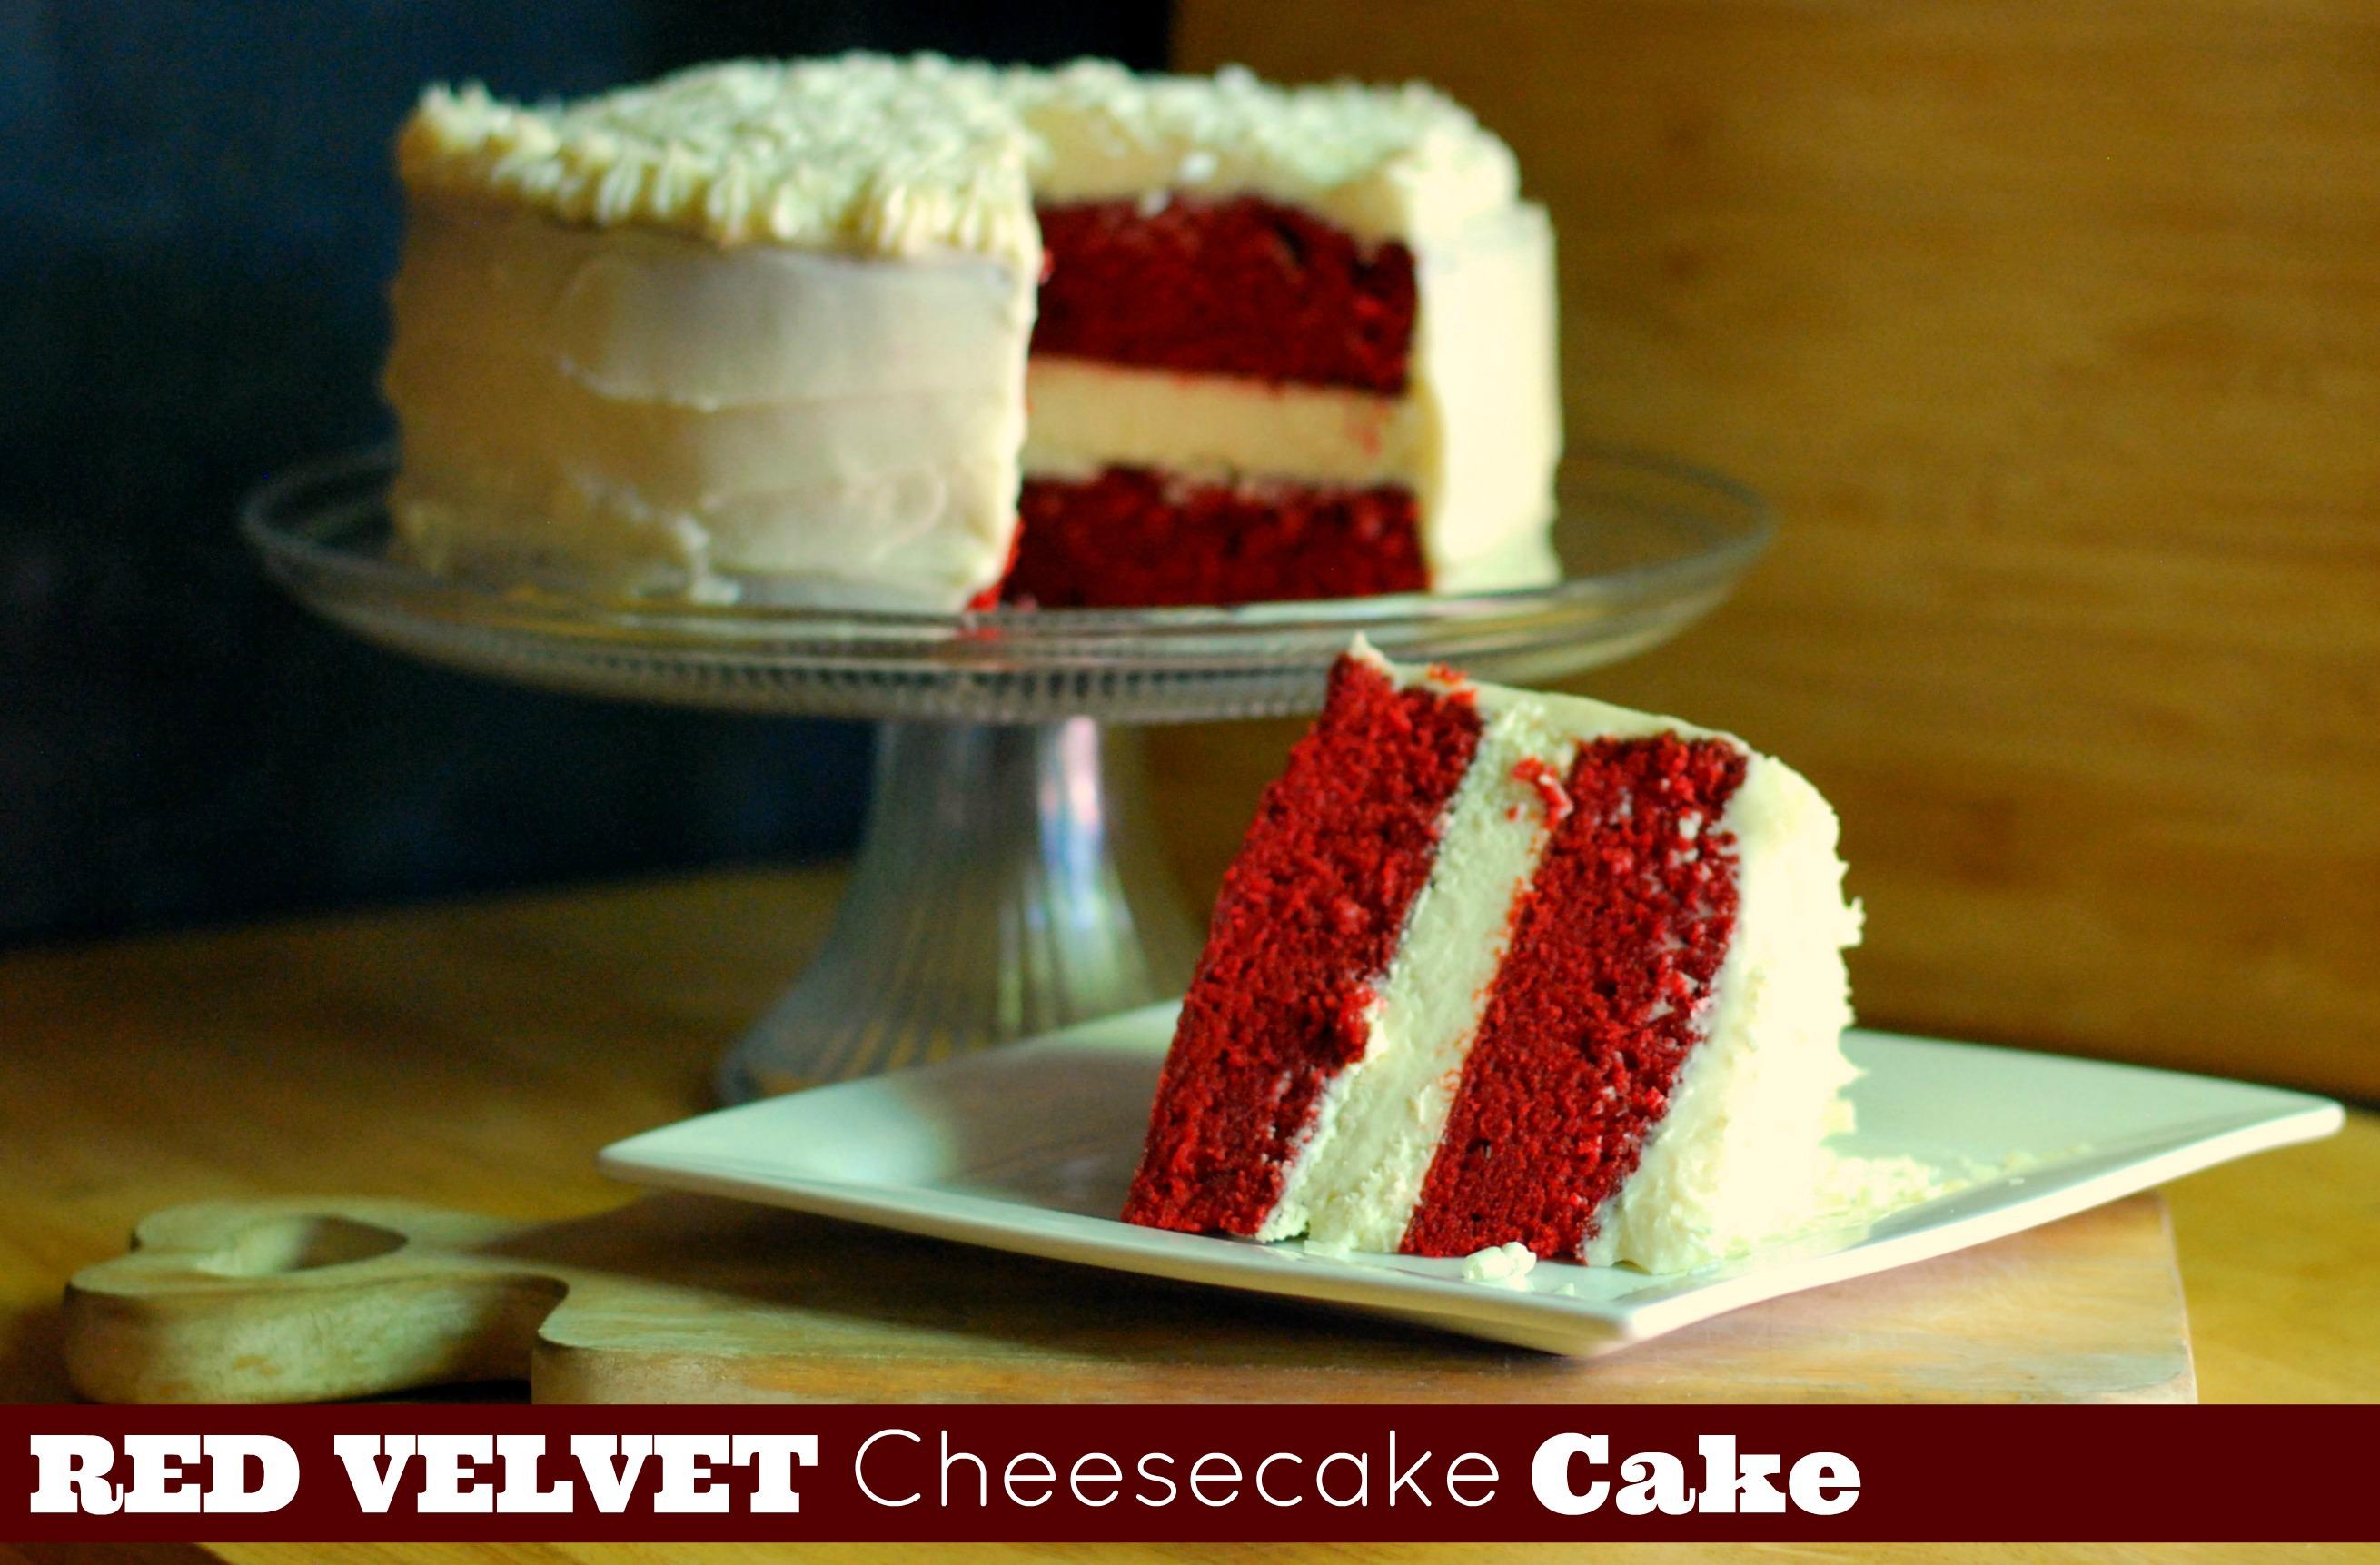 Cake Recipes In Pdf: Red Velvet Cheesecake Cake